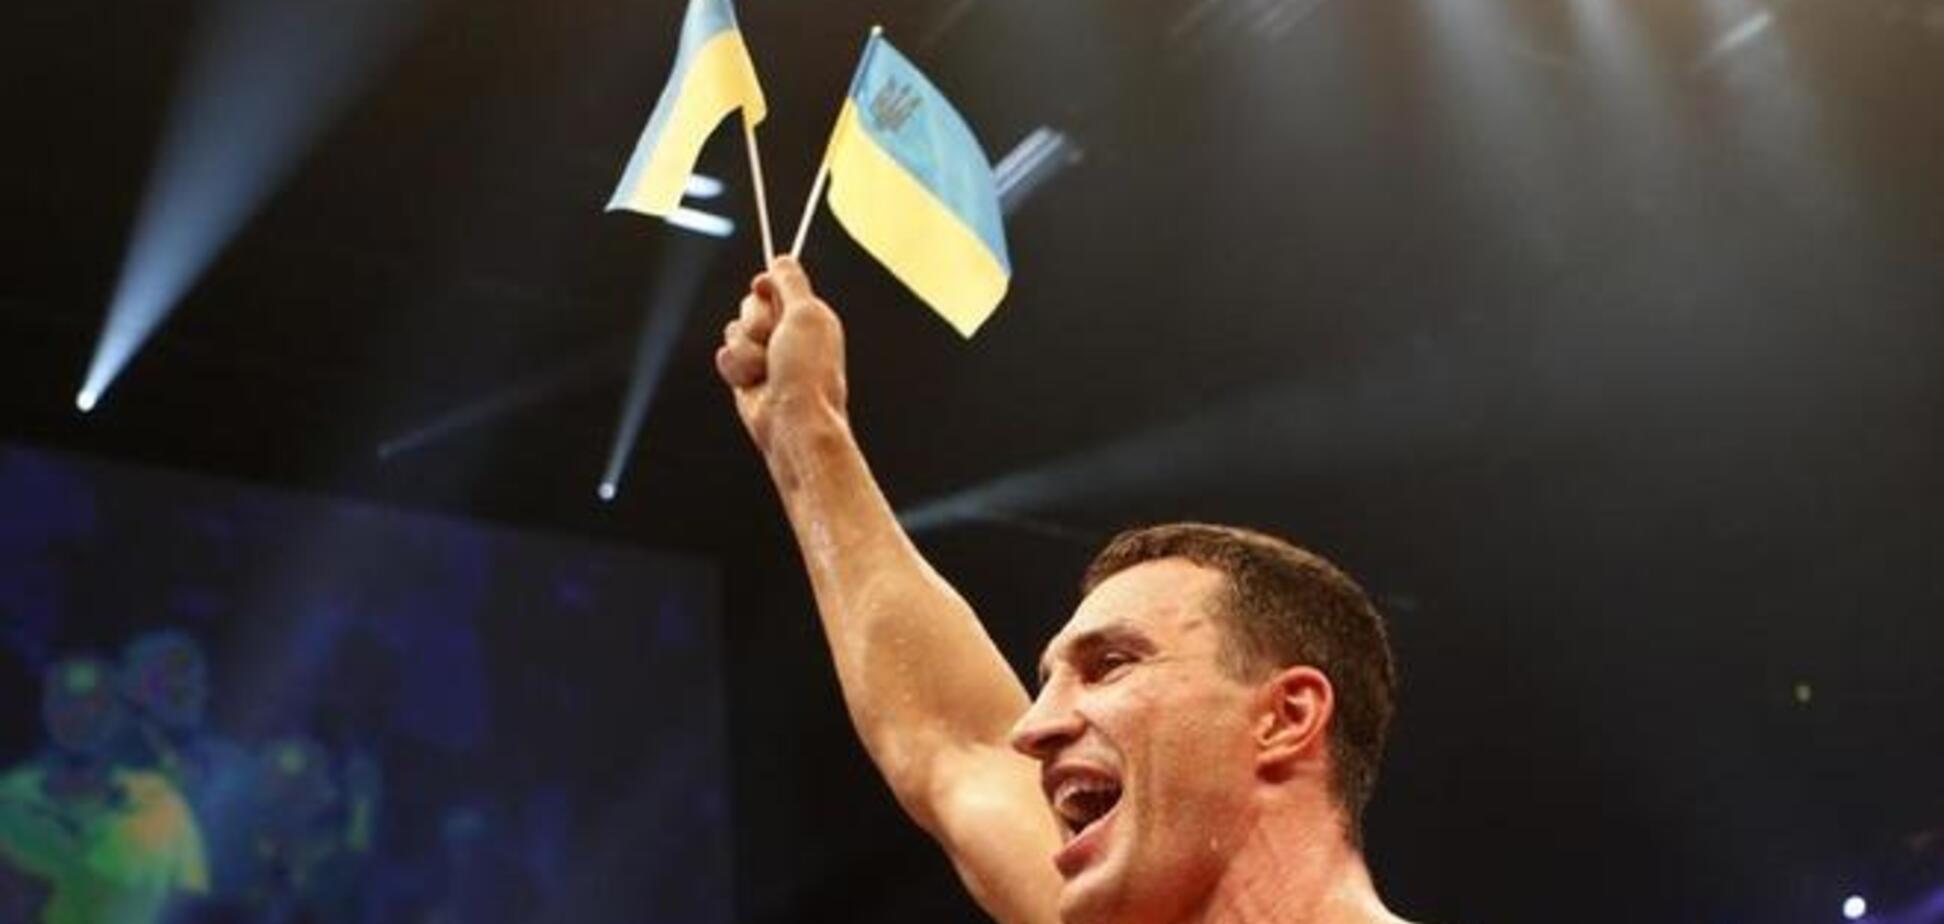 Владимир Кличко: было непросто готовиться к бою – я переживал за свою страну